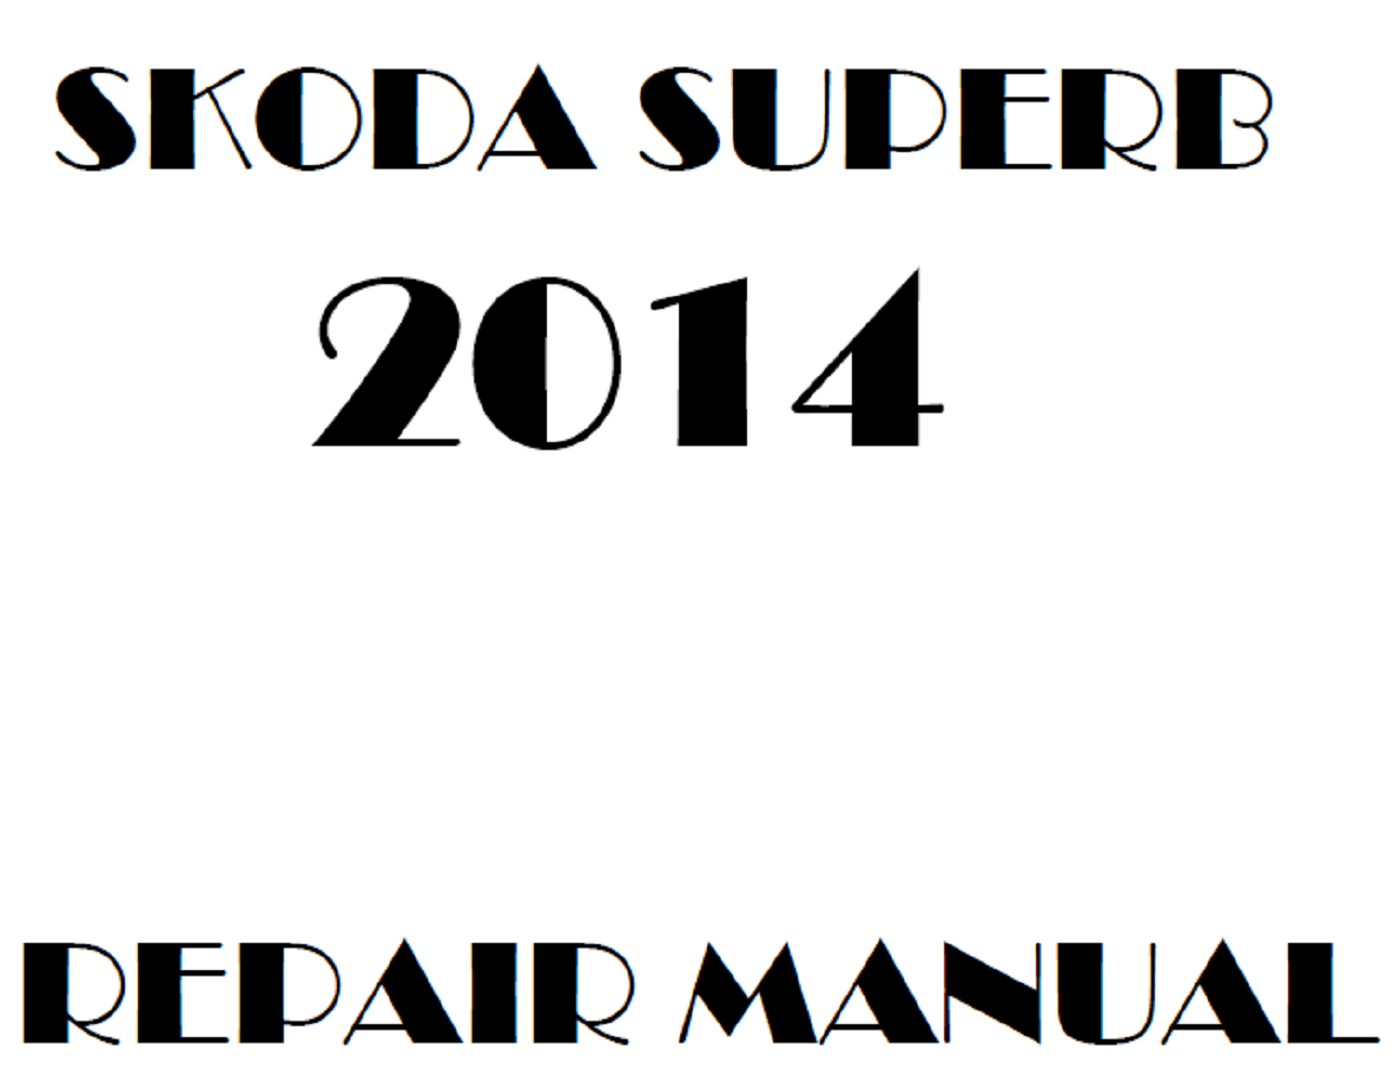 2014 Skoda Superb repair manual